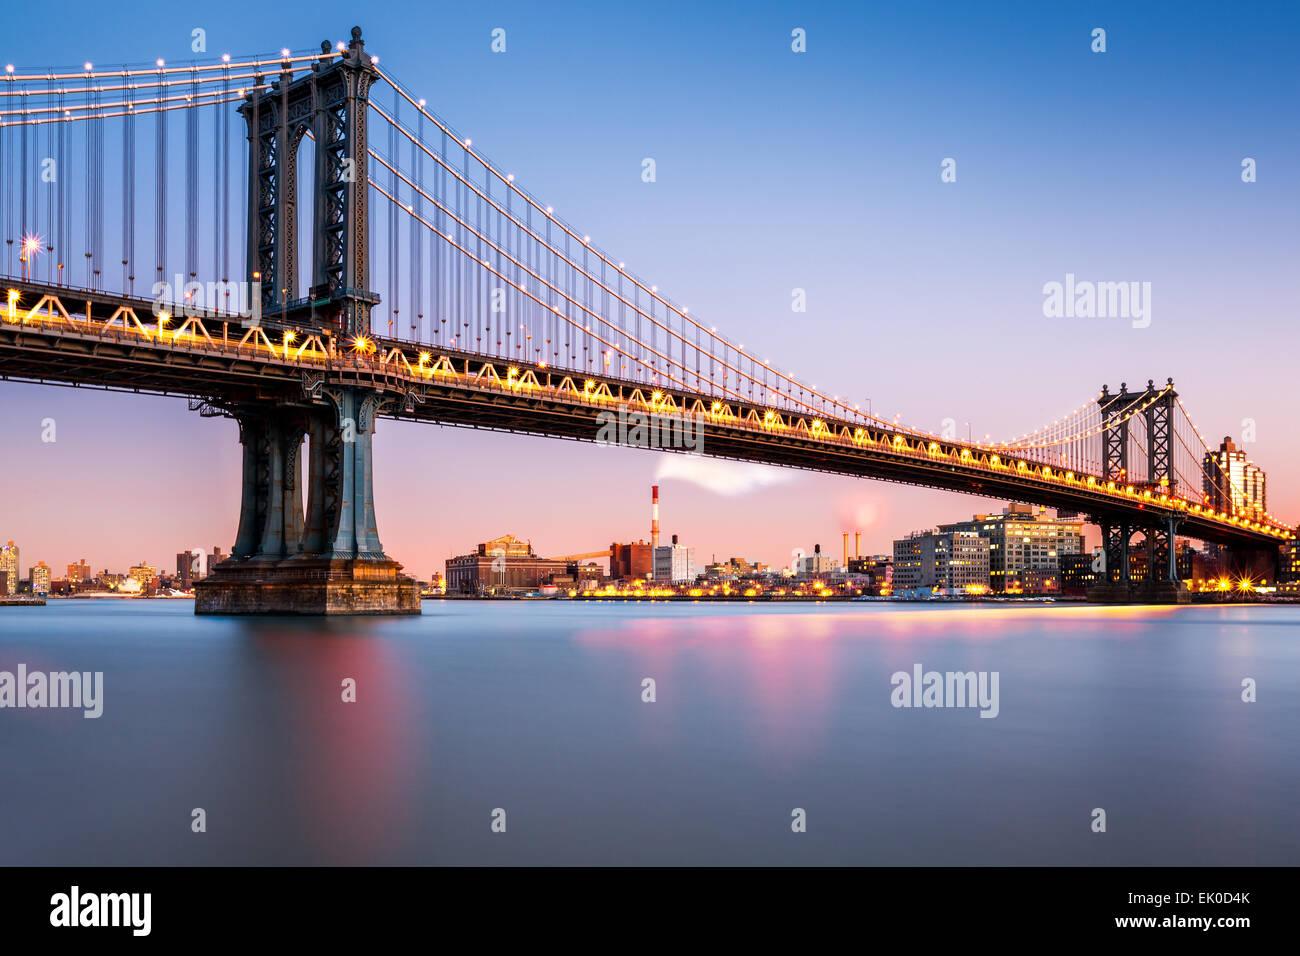 Manhattan Bridge beleuchtet in der Abenddämmerung (sehr lange Belichtung für eine perfekt glatte Wasser) Stockbild